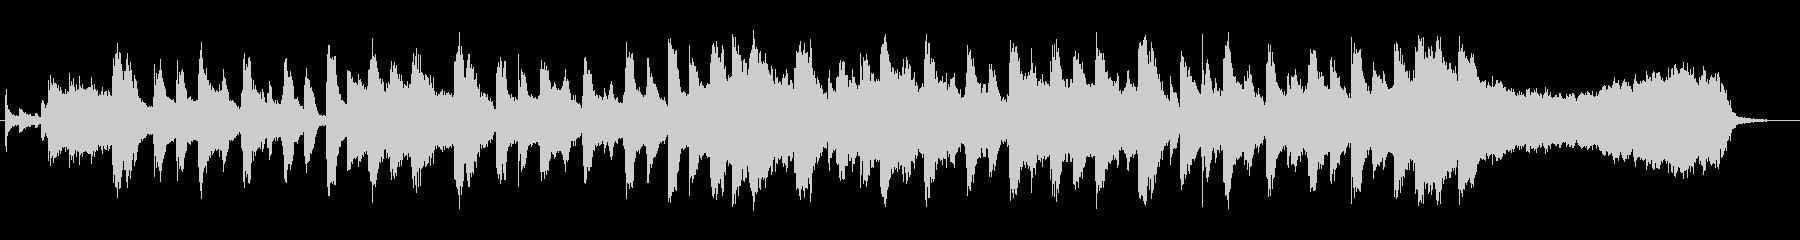 可愛らしいホーンとオルガンのマーチの未再生の波形